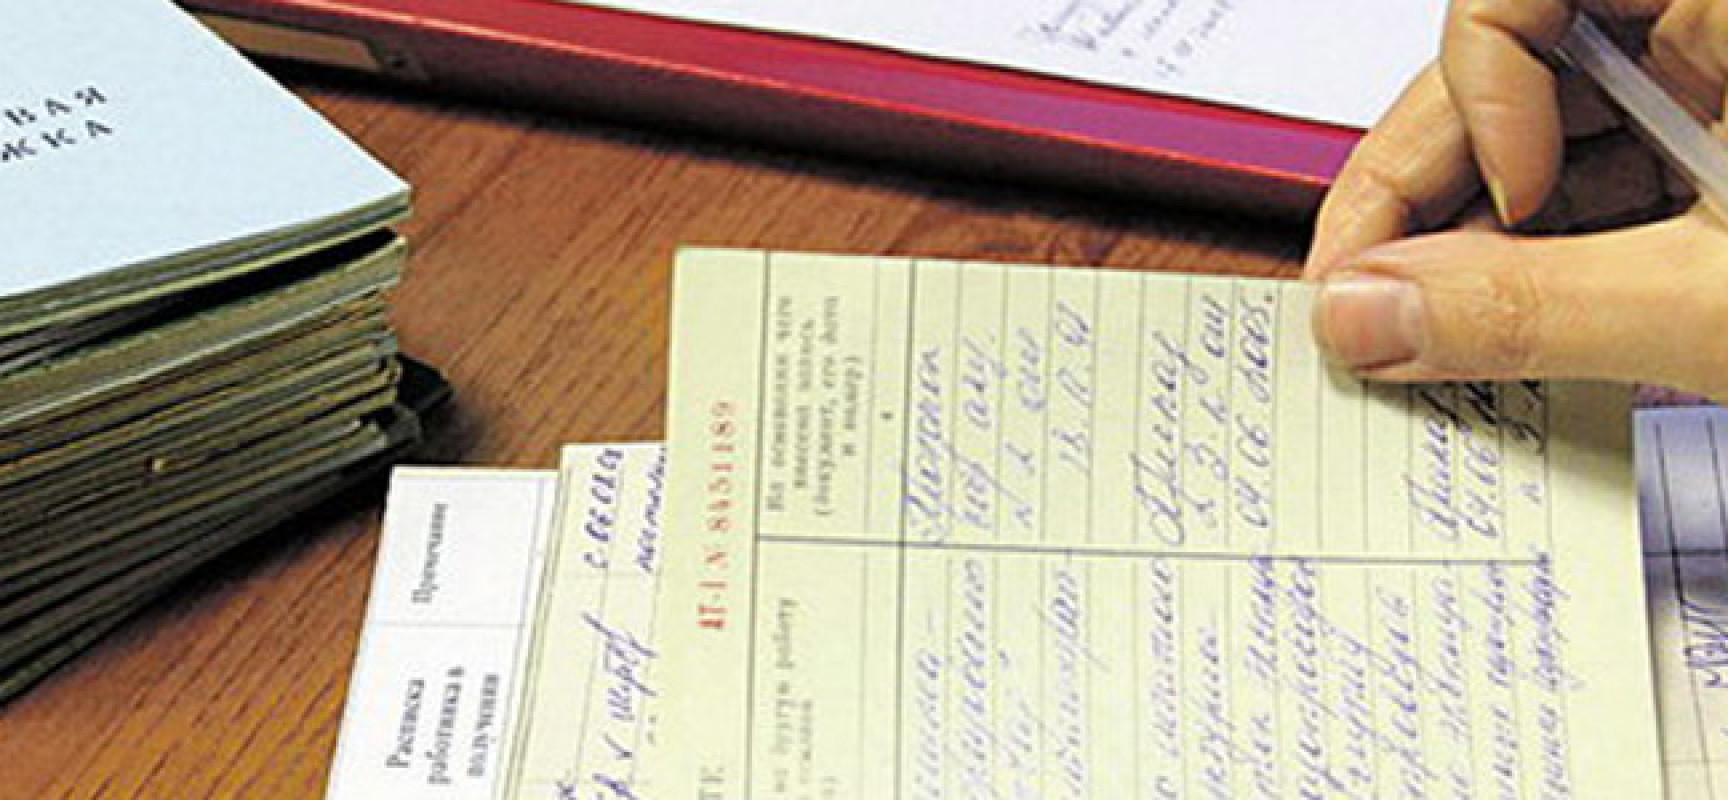 Хранение трудовых книжек